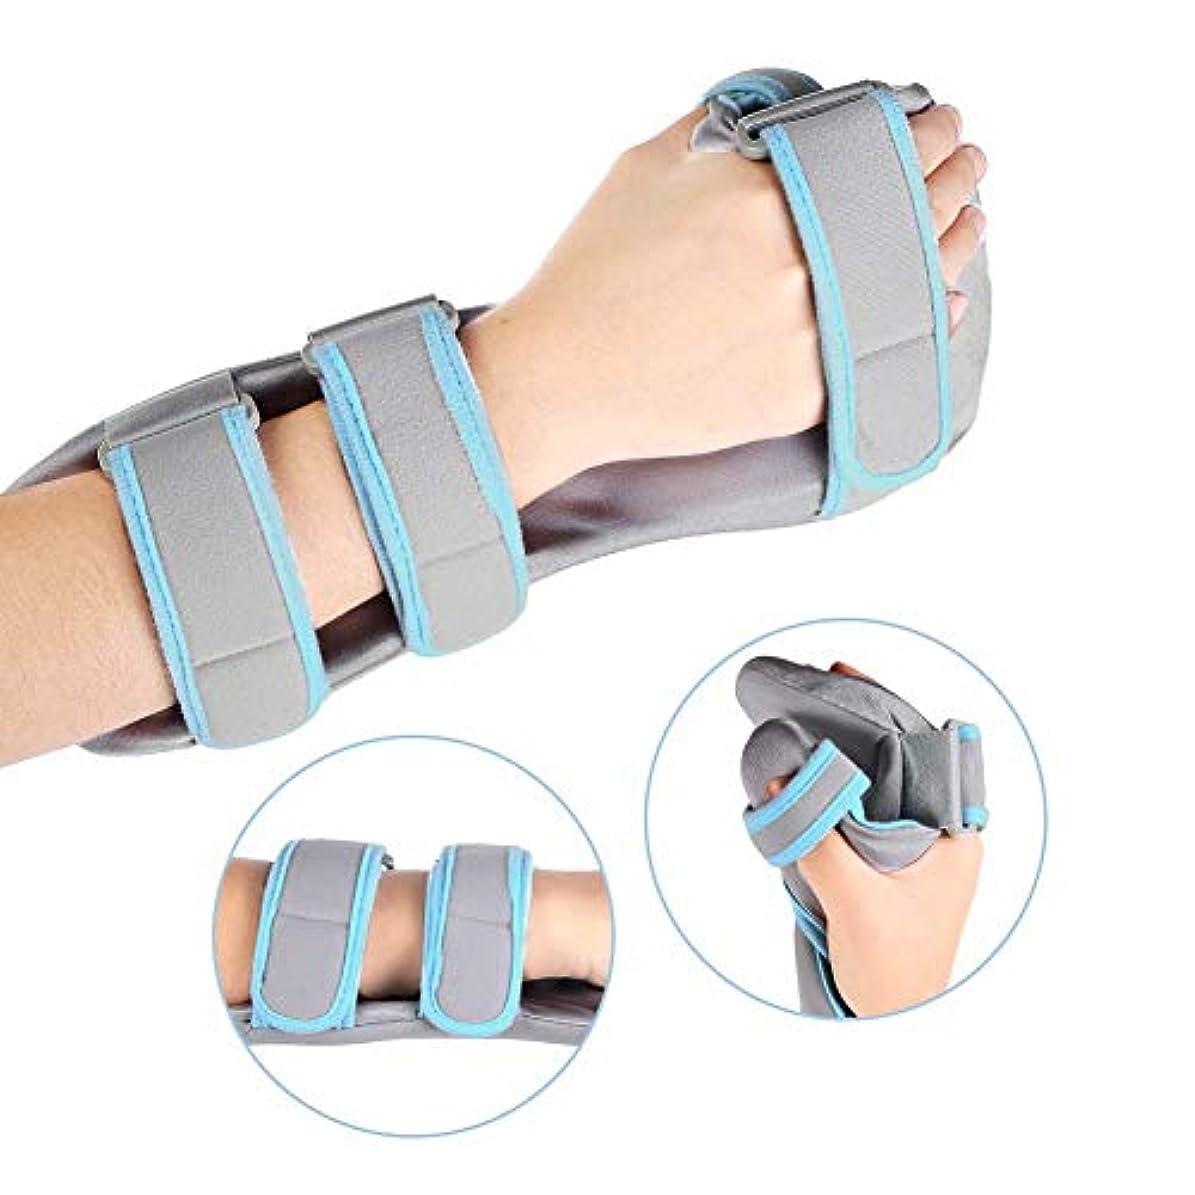 電報発送パース手首のサポート、手根管、骨折、捻rain、関節痛の軽減のための調節可能な通気性の手のサポート,Right,S